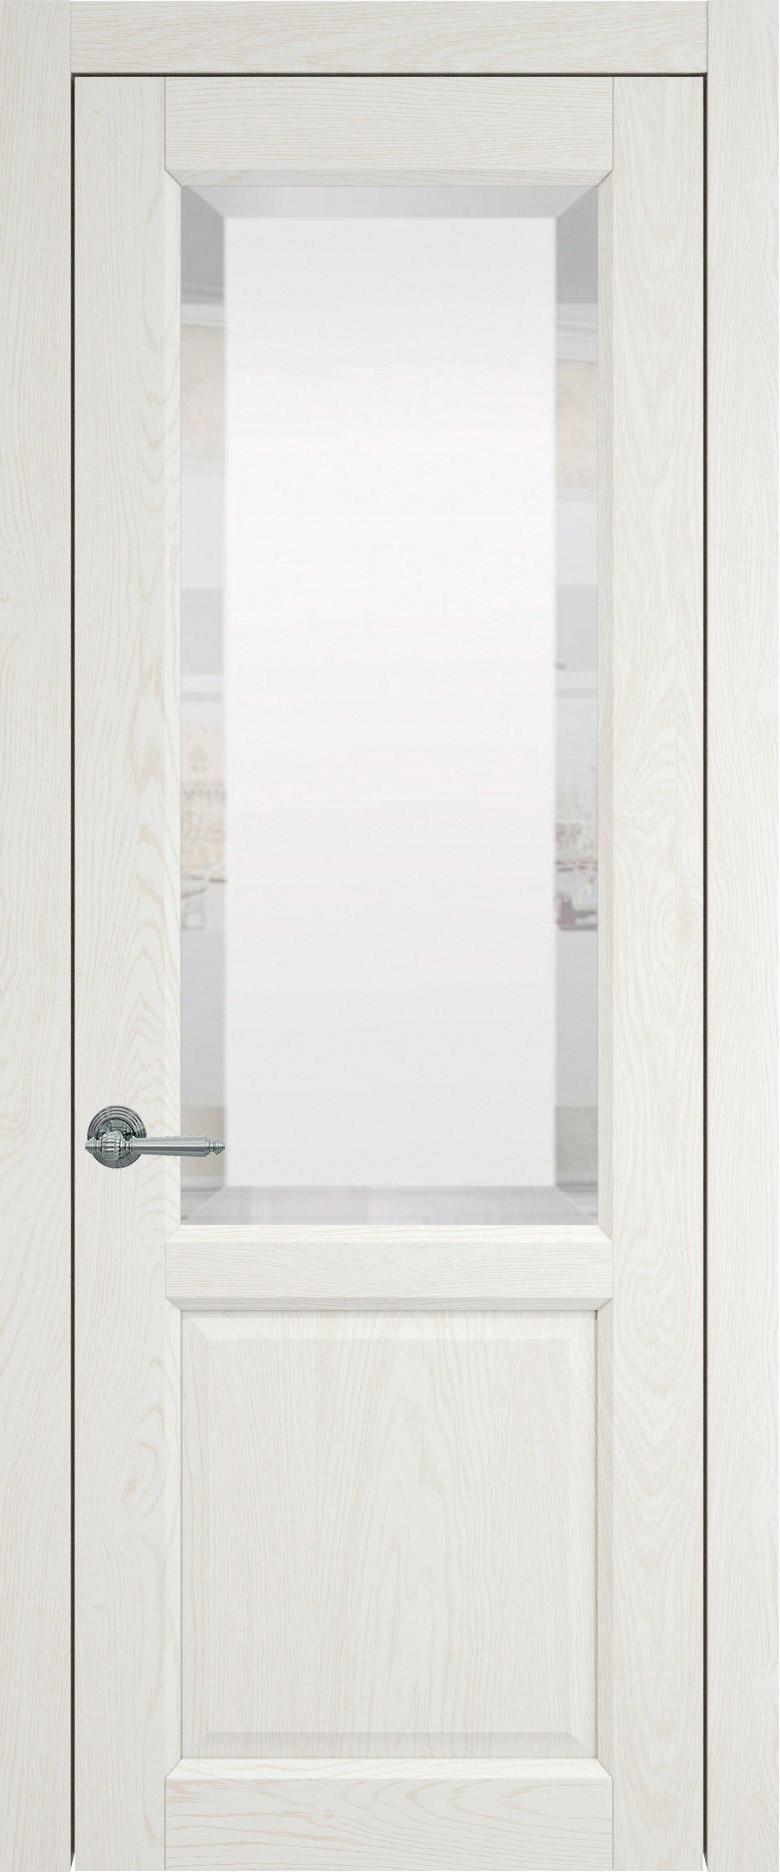 Dinastia цвет - Белый ясень (шпон) Со стеклом (ДО)